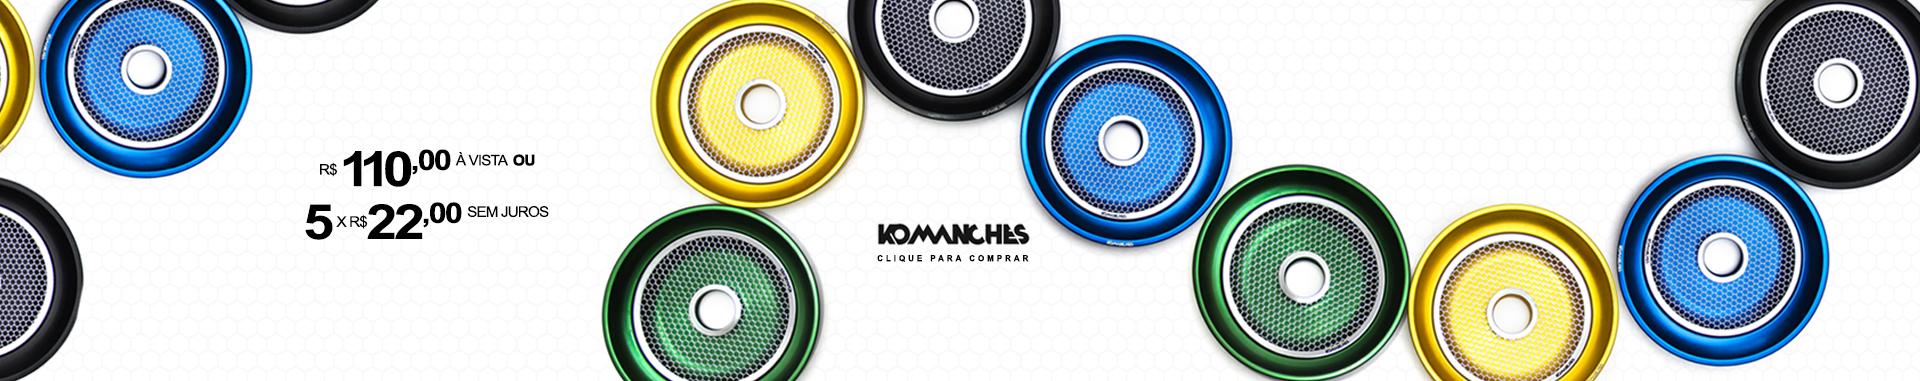 Komanches